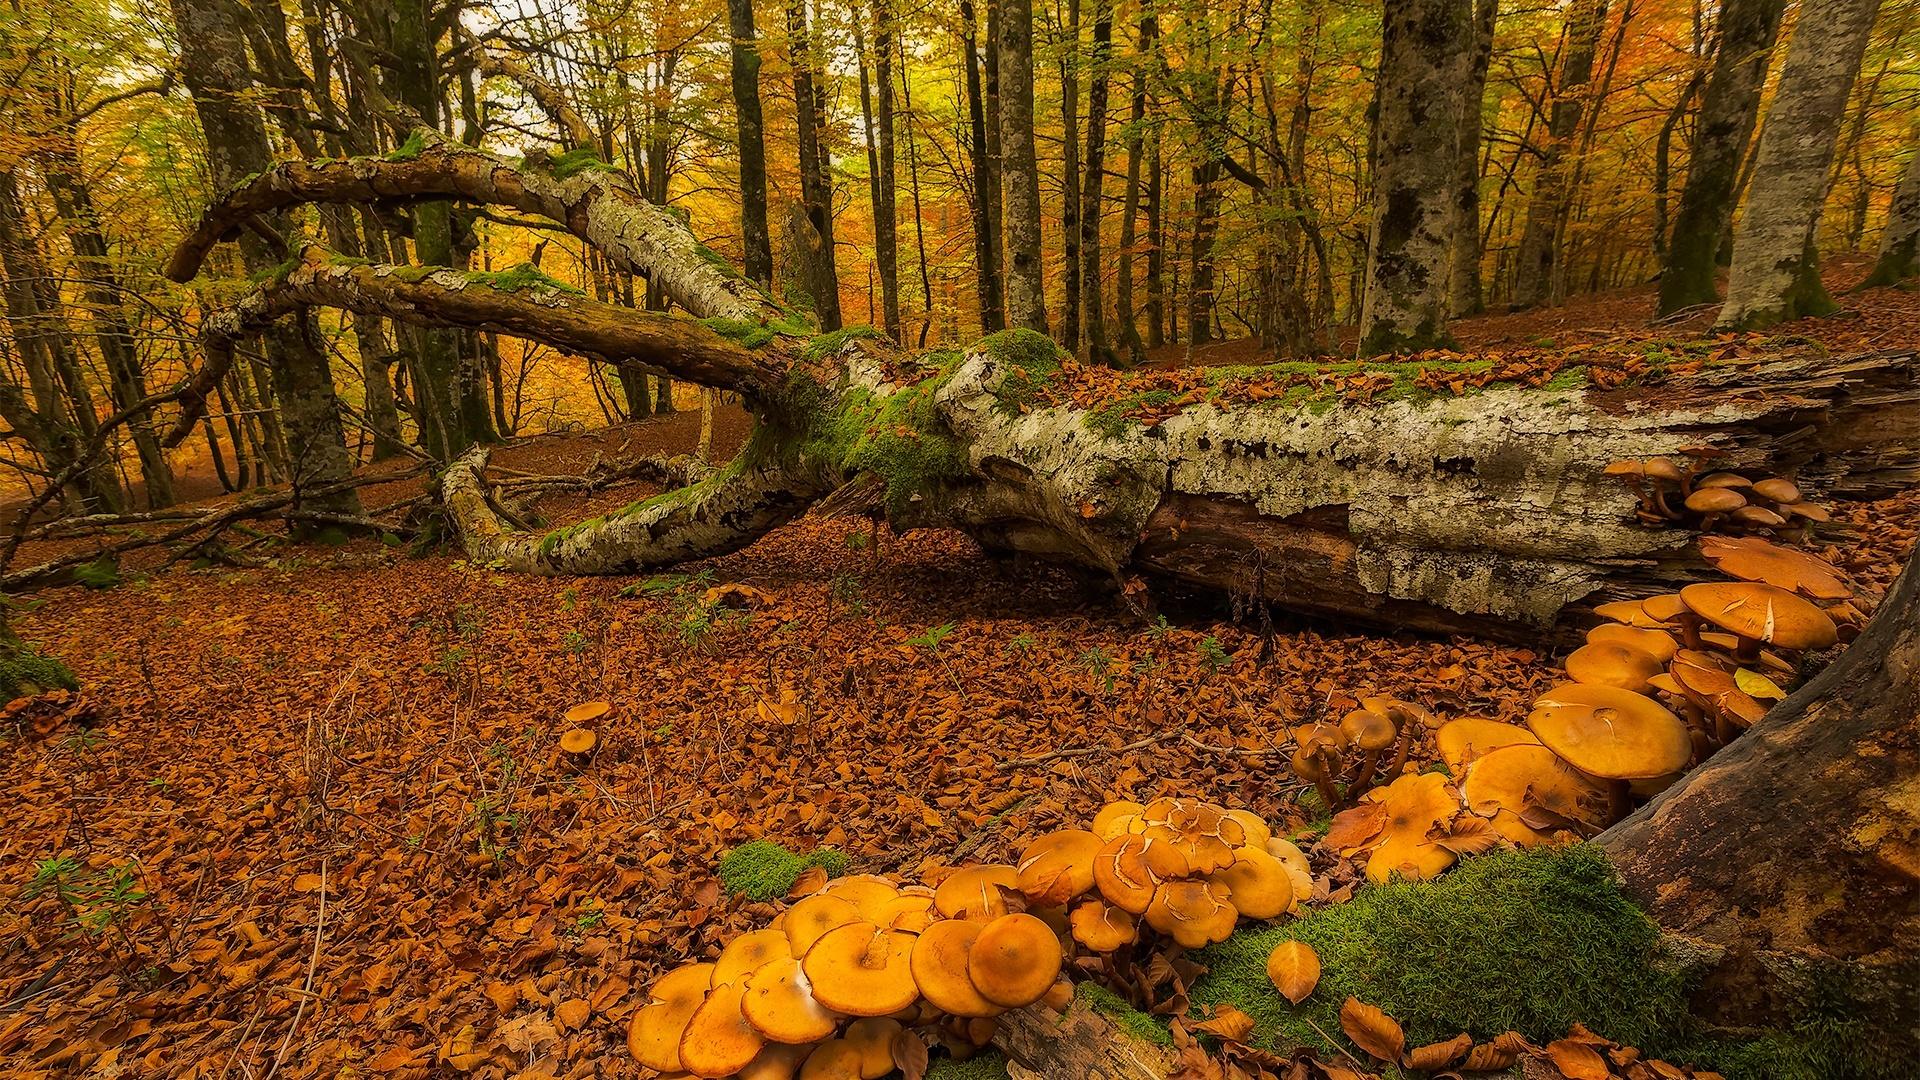 バスク スペイン 森 木 キノコ 秋 デスクトップの壁紙 19x1080 壁紙をダウンロード Ja Hdwall365 Com